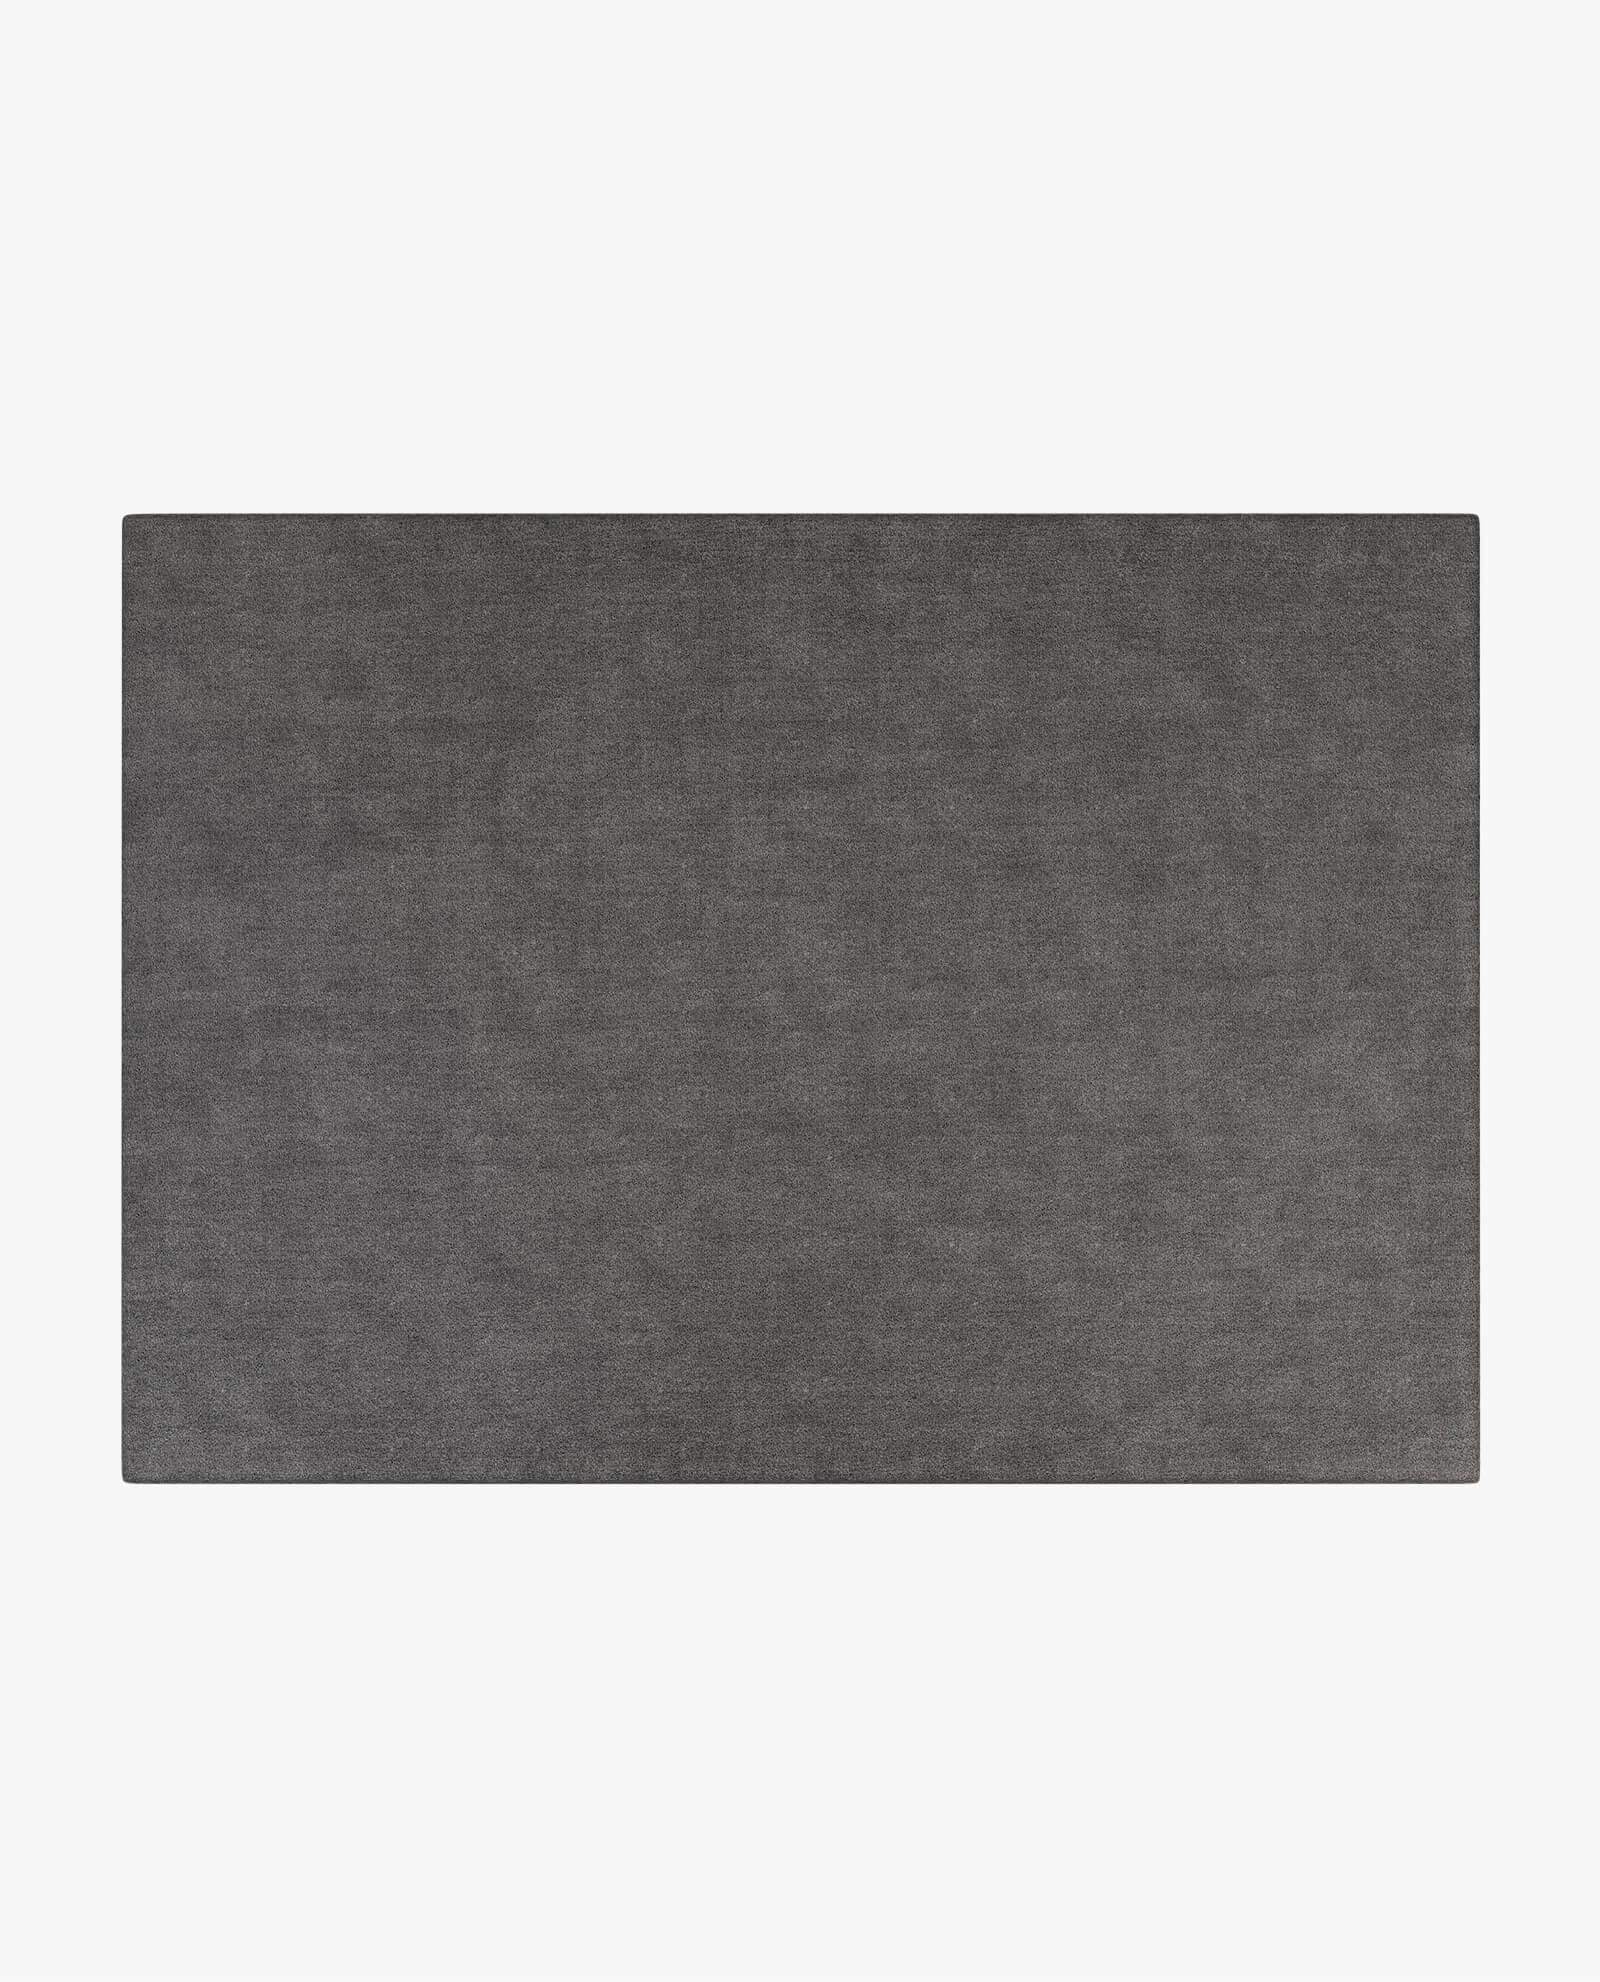 carpete em tecido cinza escuro para sala de estar moderna